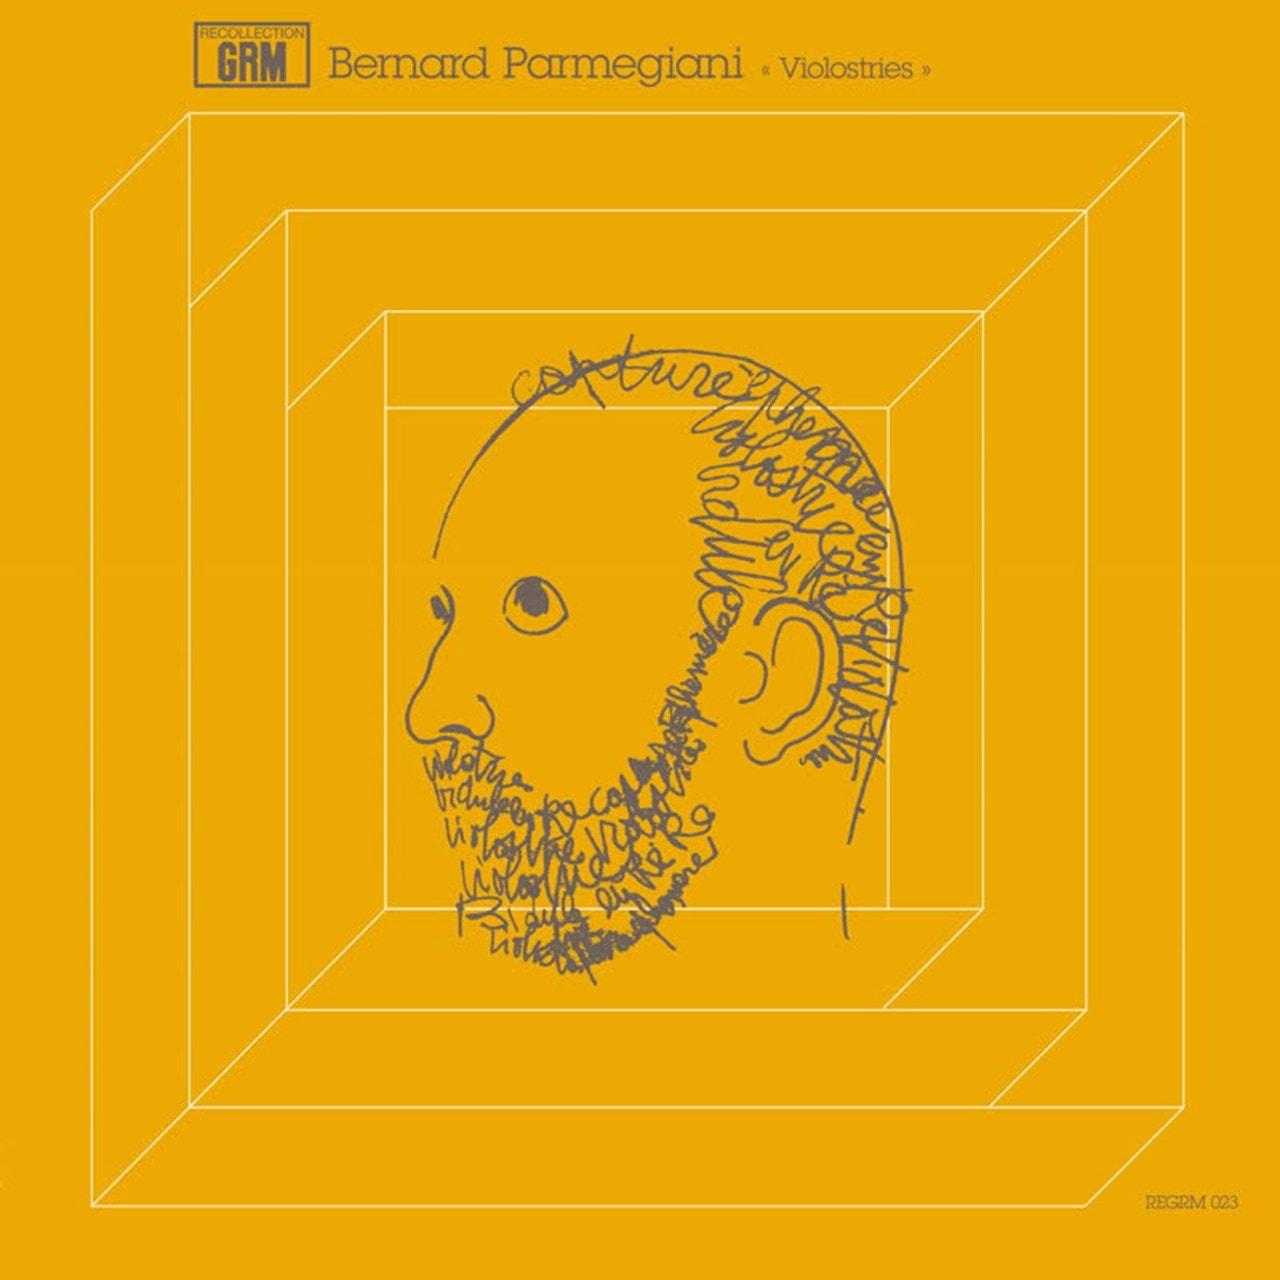 Bernard Parmegiani: Violostries - 1